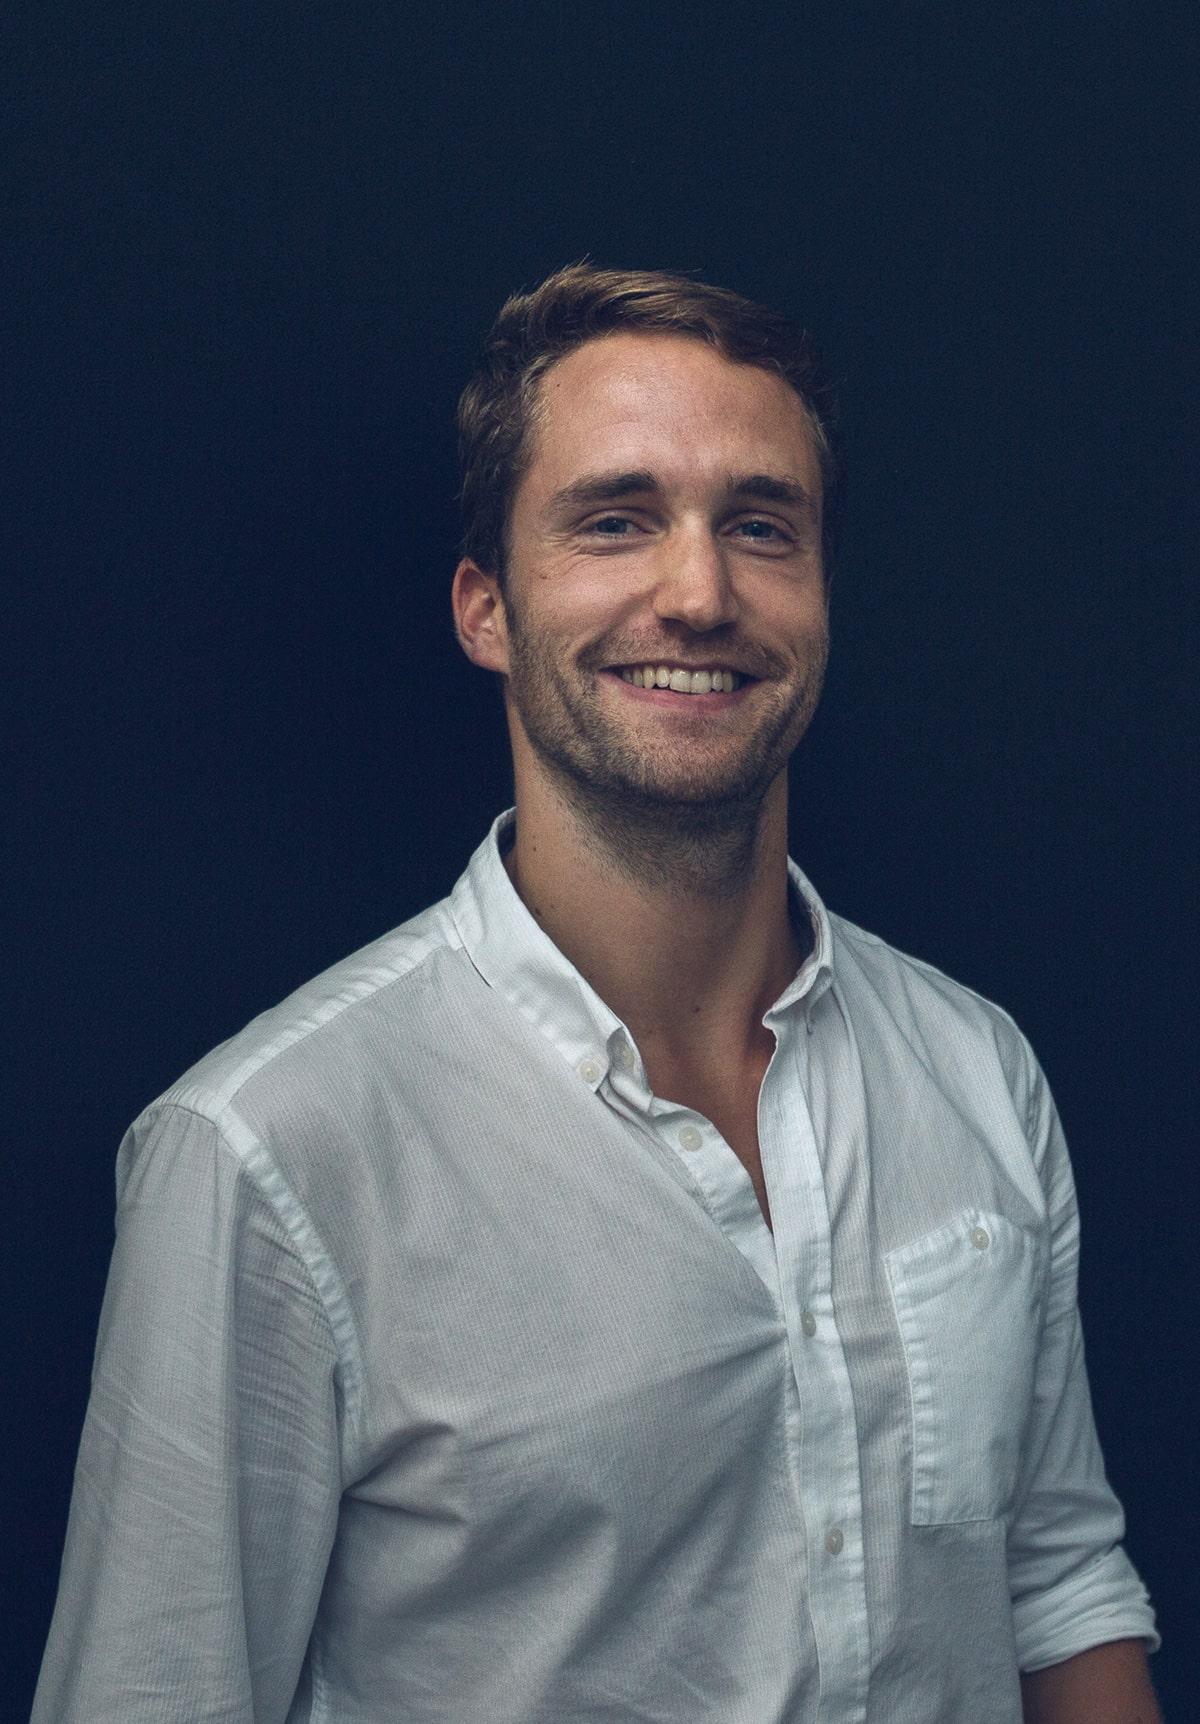 Grégoire Noetinger